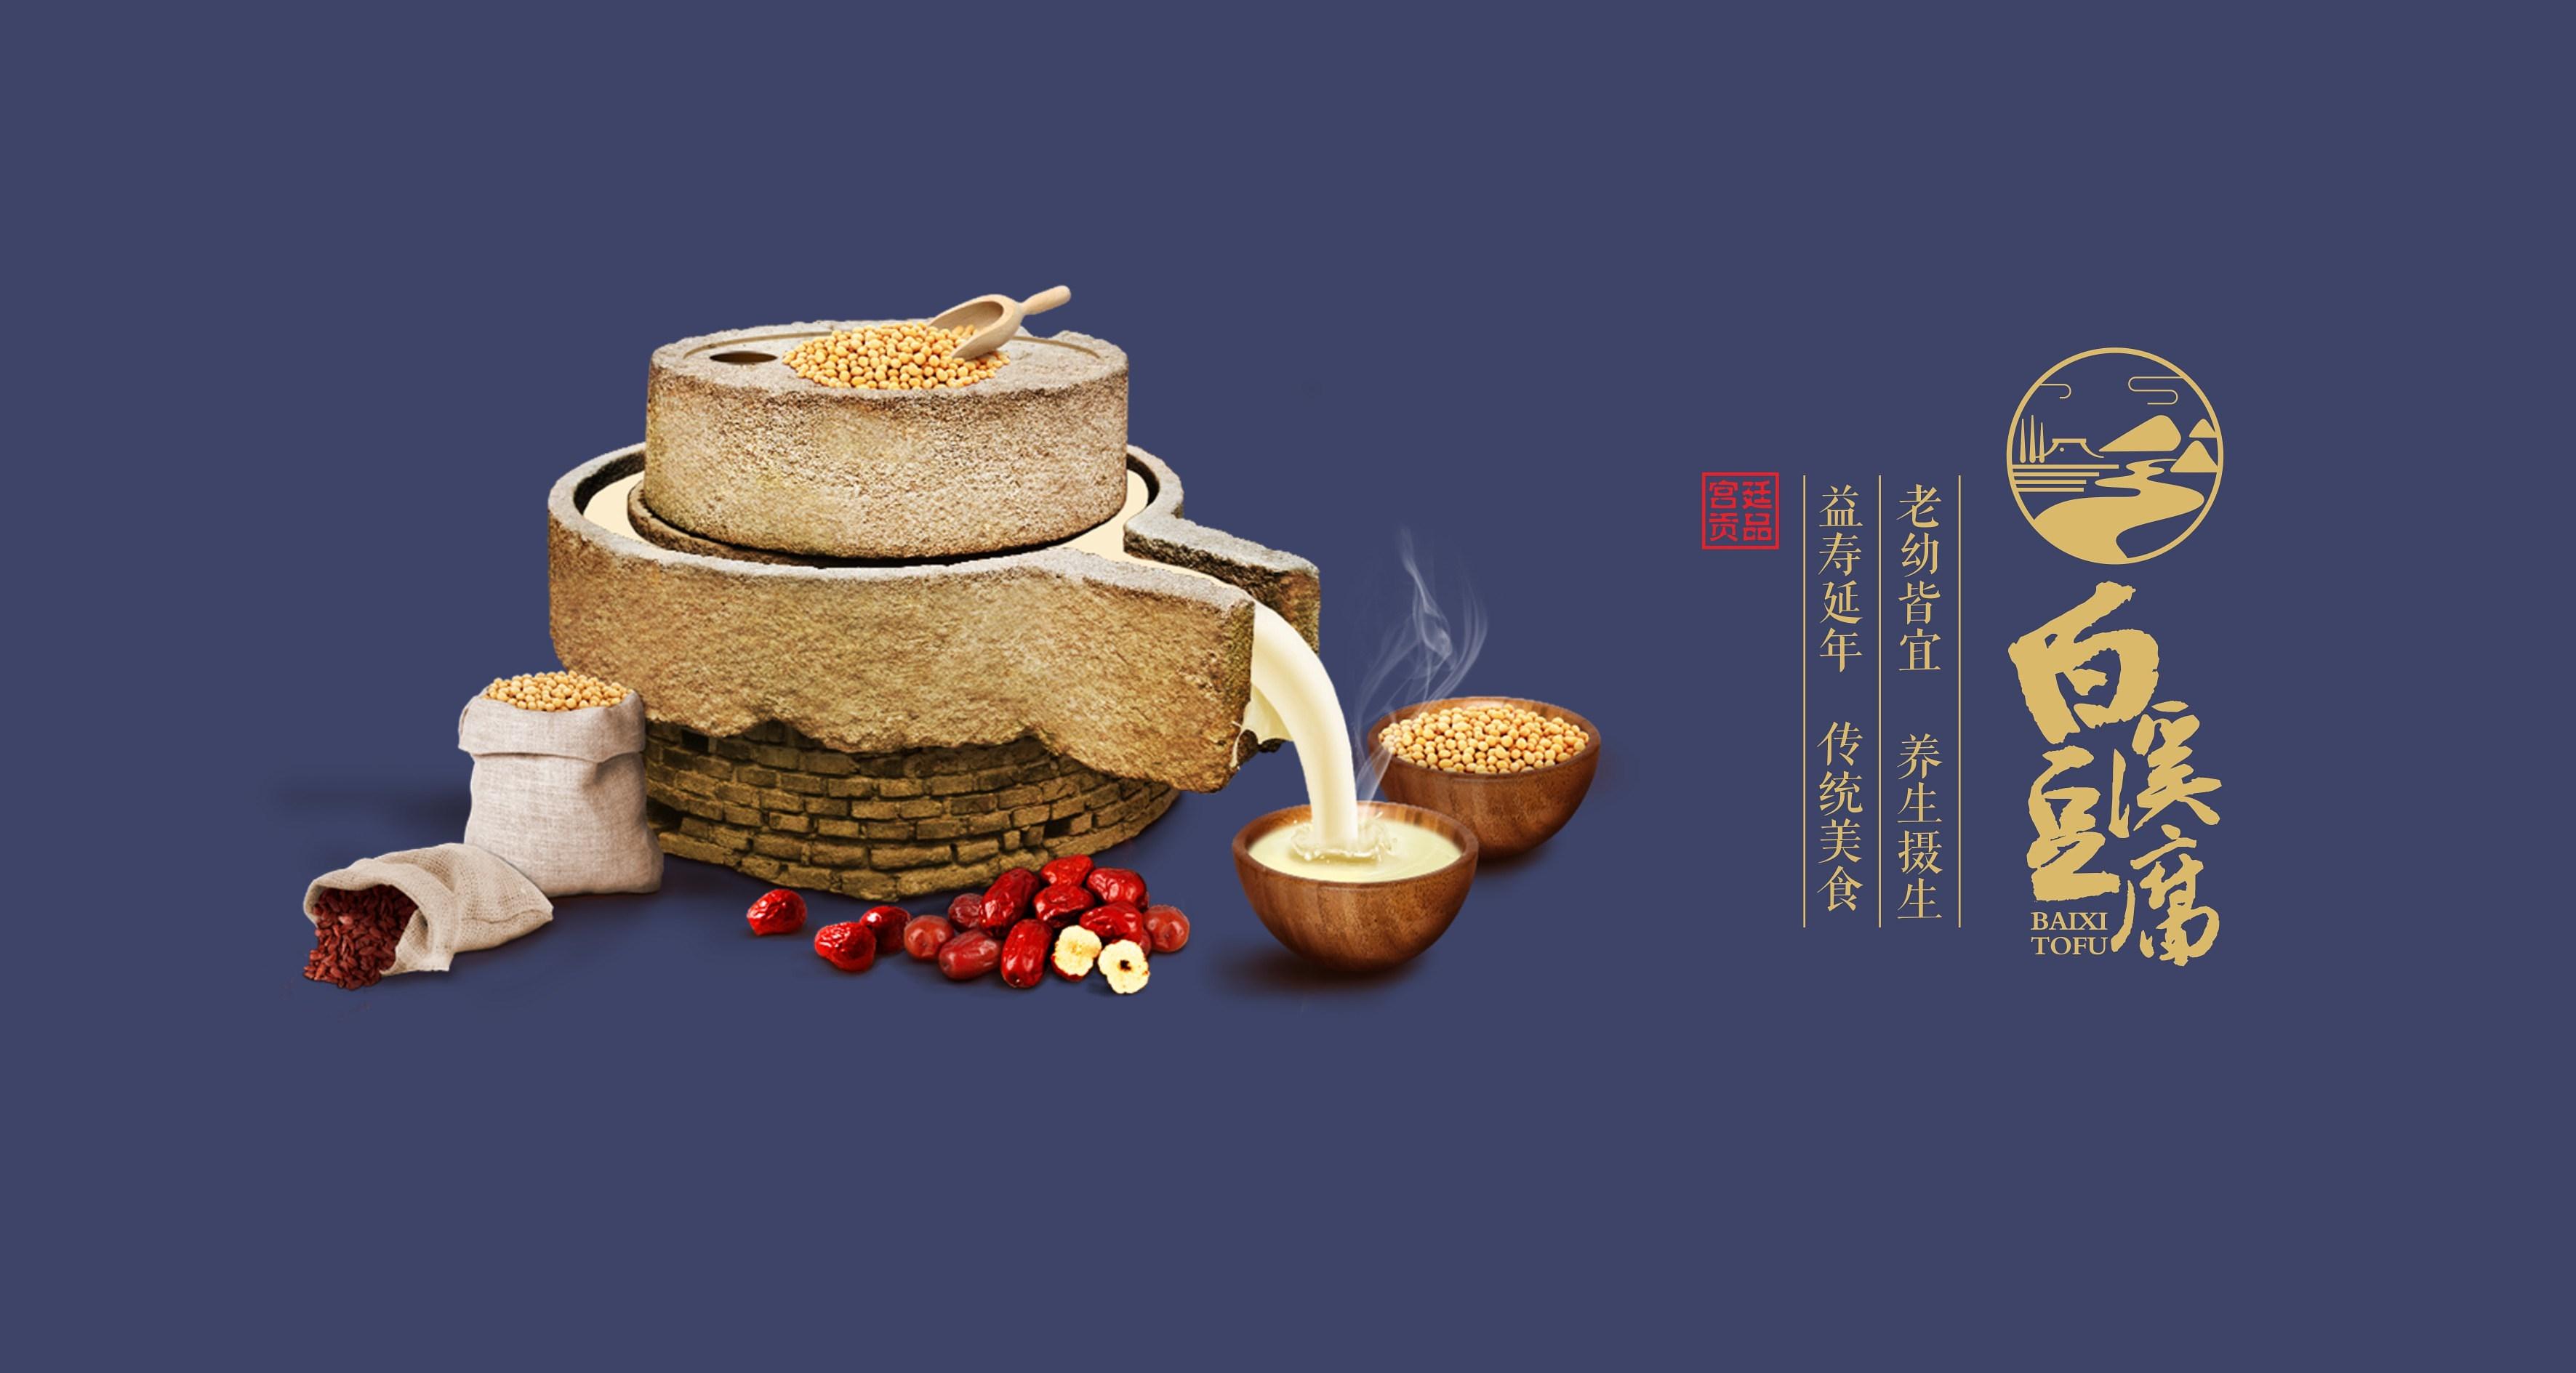 白溪豆腐_0012.JPG